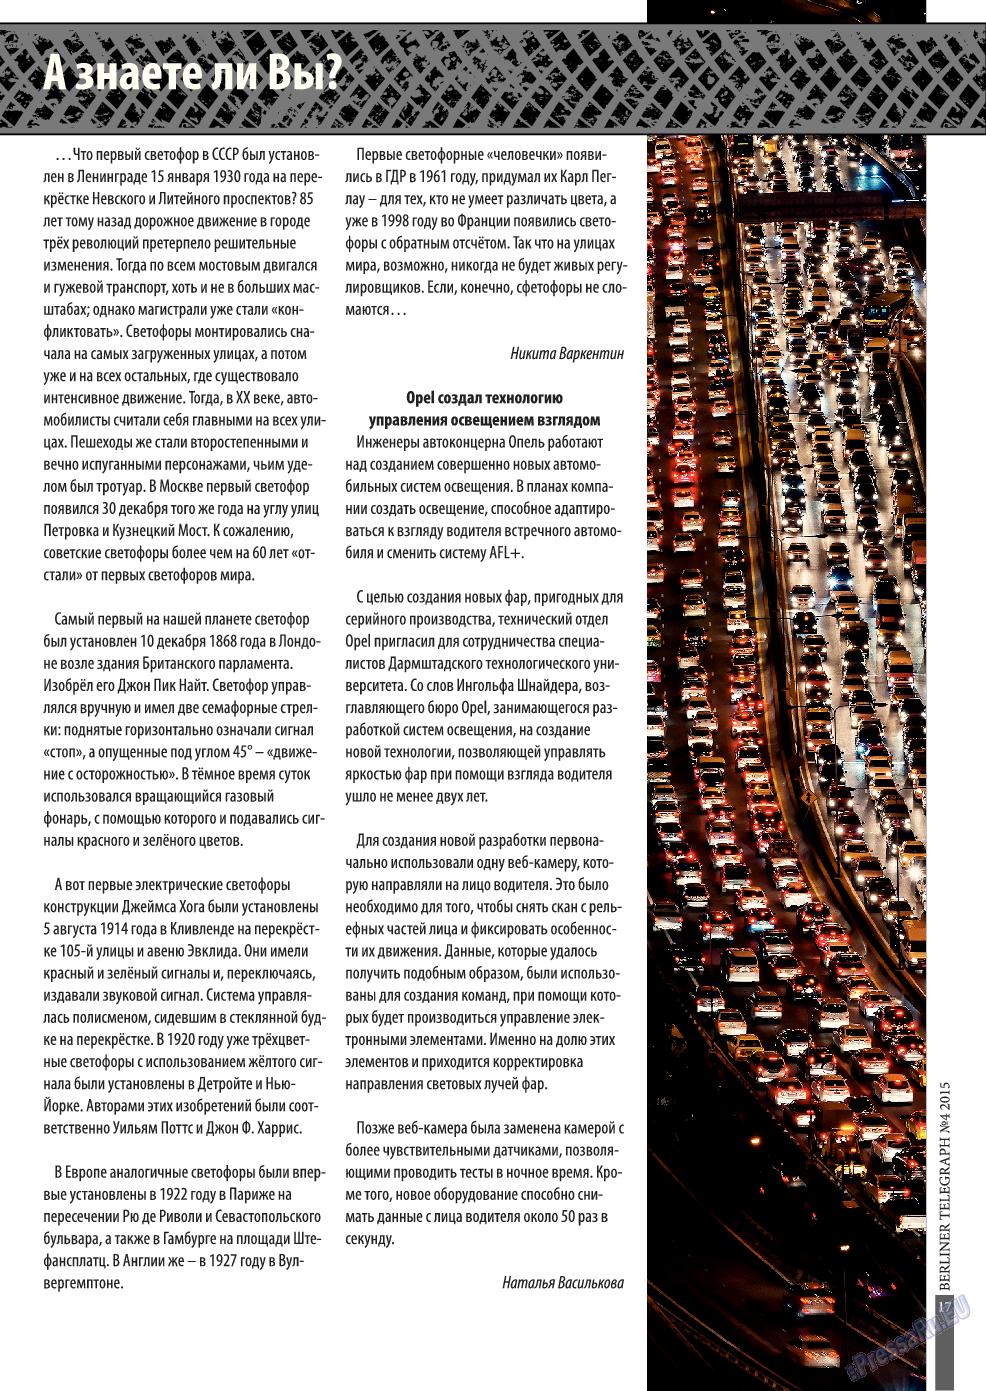 Берлинский телеграф (журнал). 2015 год, номер 4, стр. 17